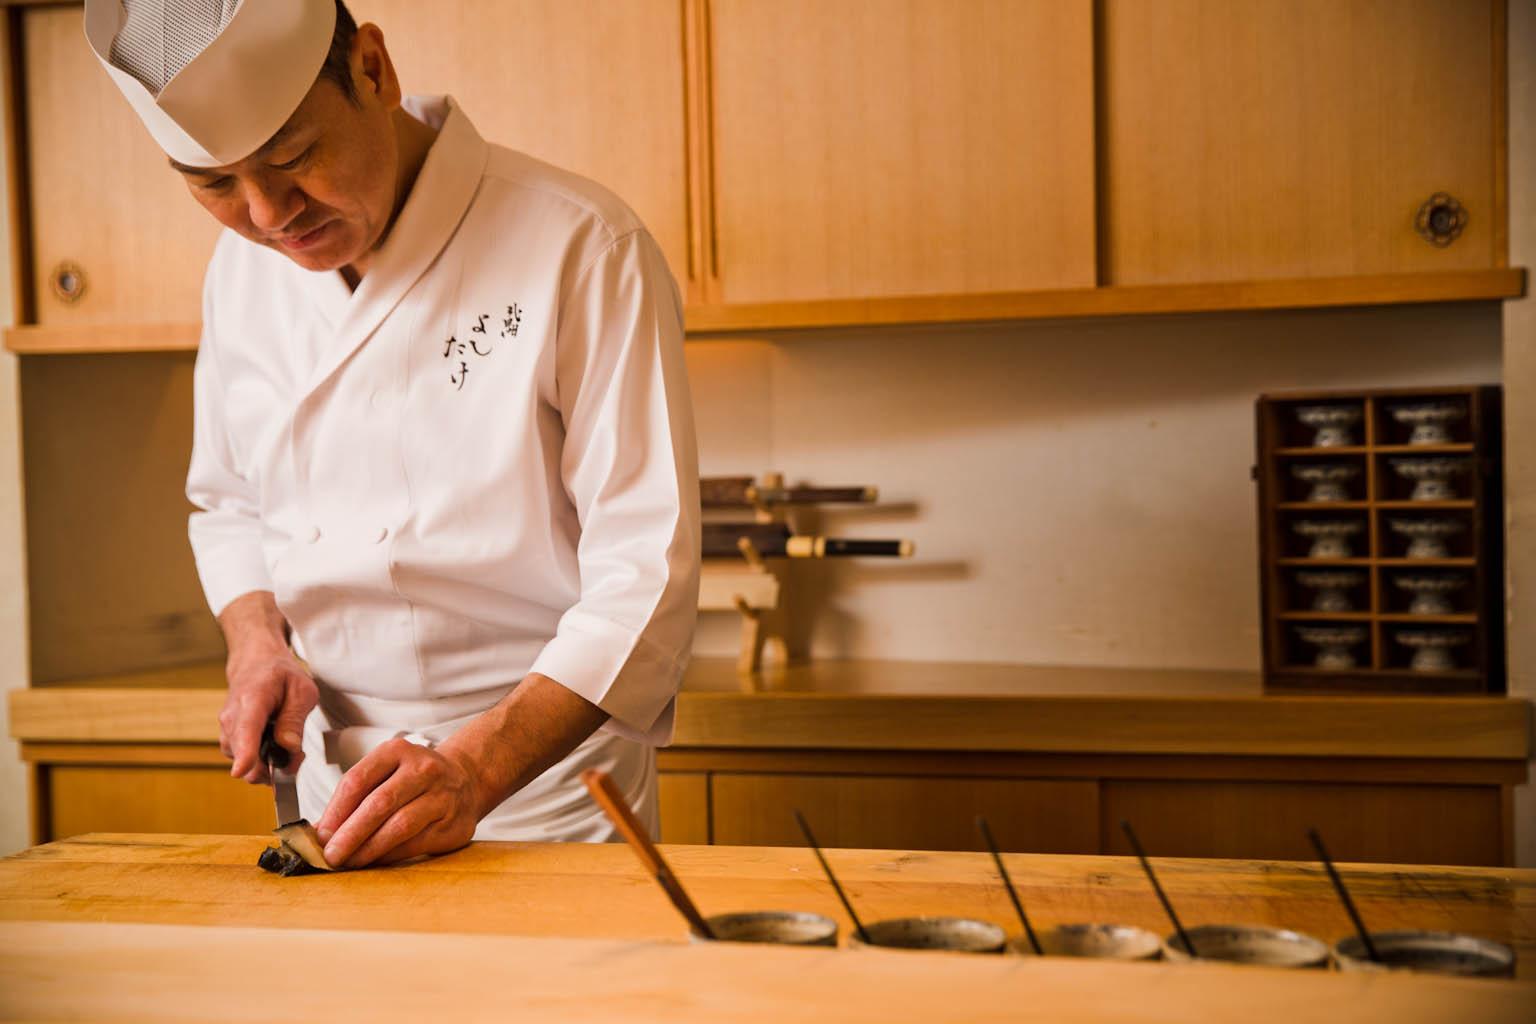 Sushi Yoshitake cuisine #1